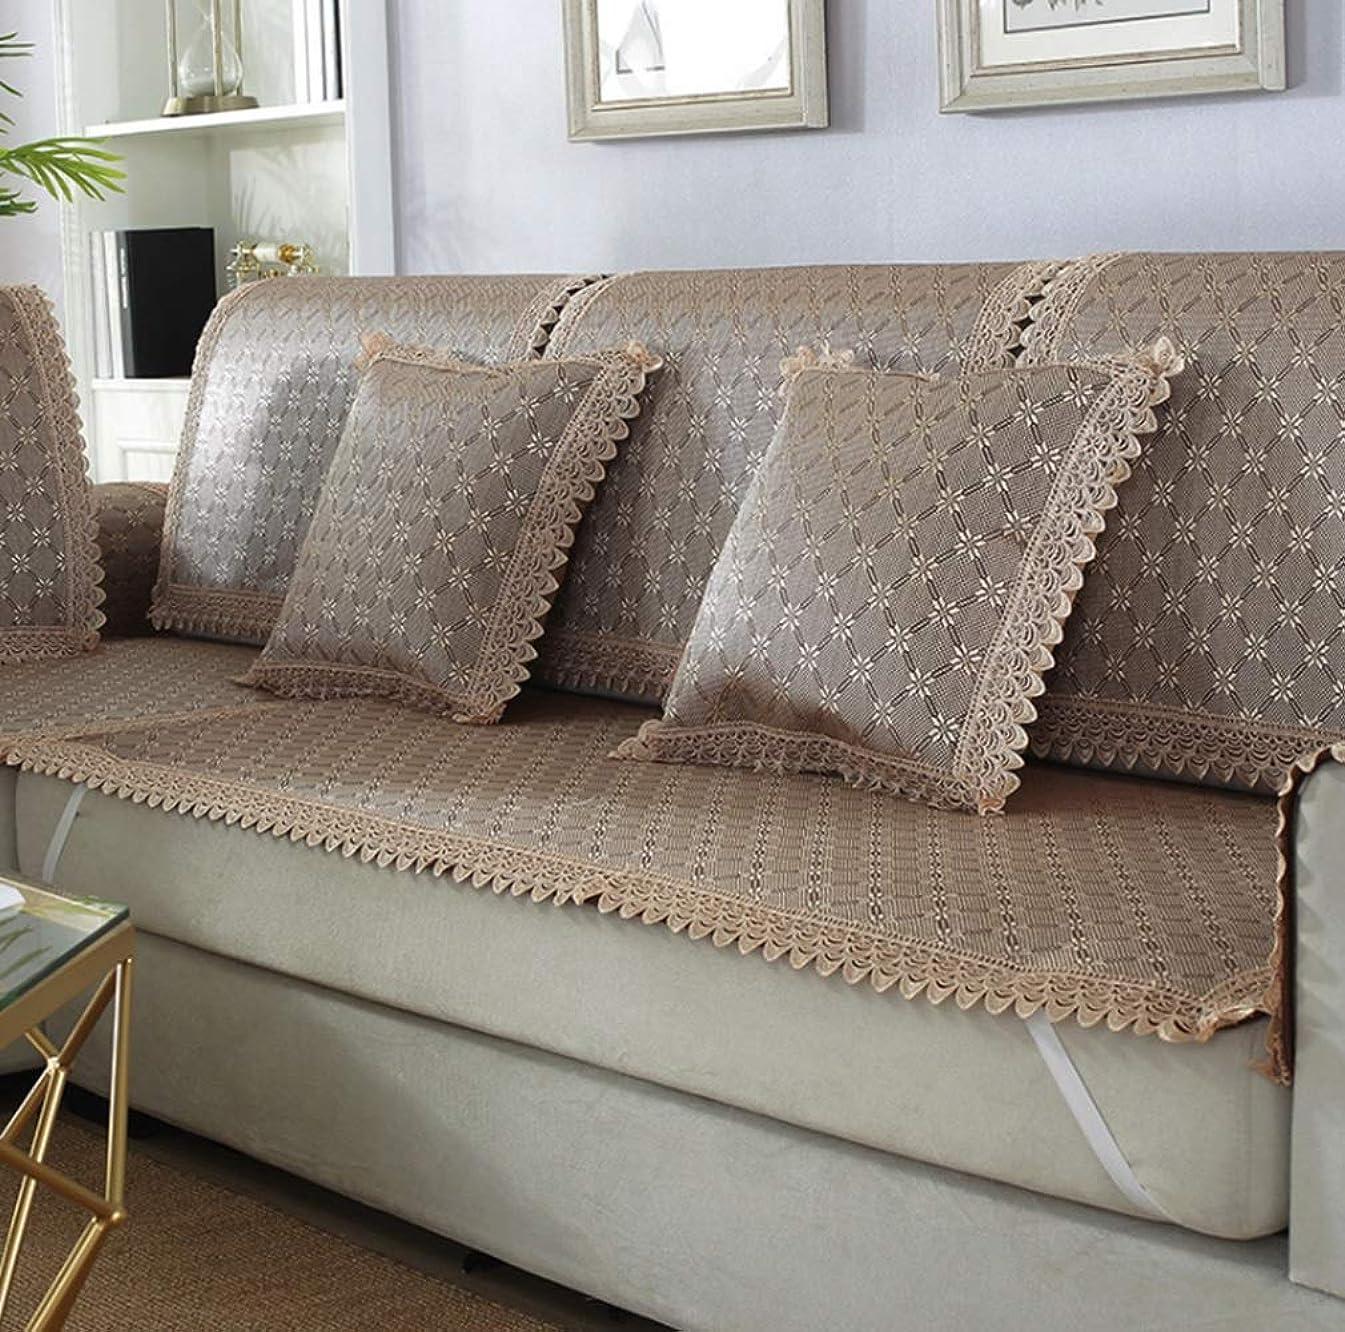 制裁銀志すNekovan ソファクッションラタンアニススターサマーソファタオルは、家庭に適しています (色 : ブラウン, サイズ : 70*210CM)